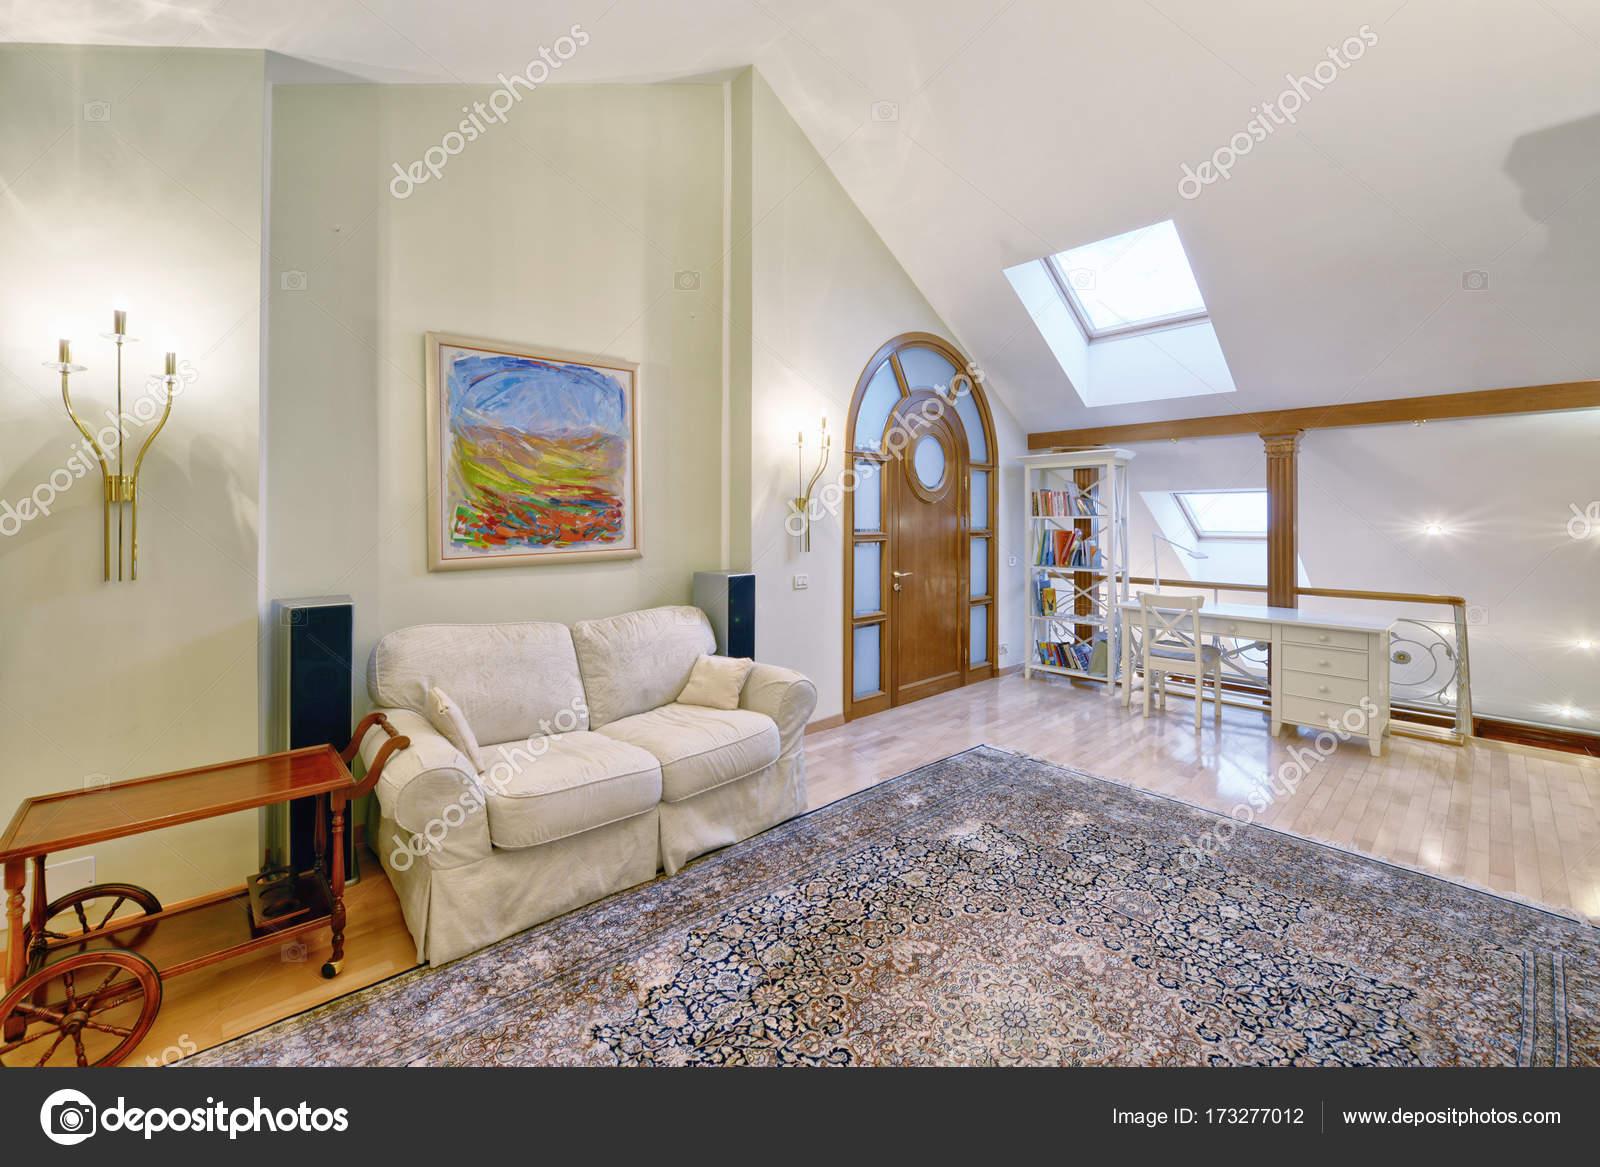 Woonkamer sofa stoel tabel meubilair vrije tijd appartement